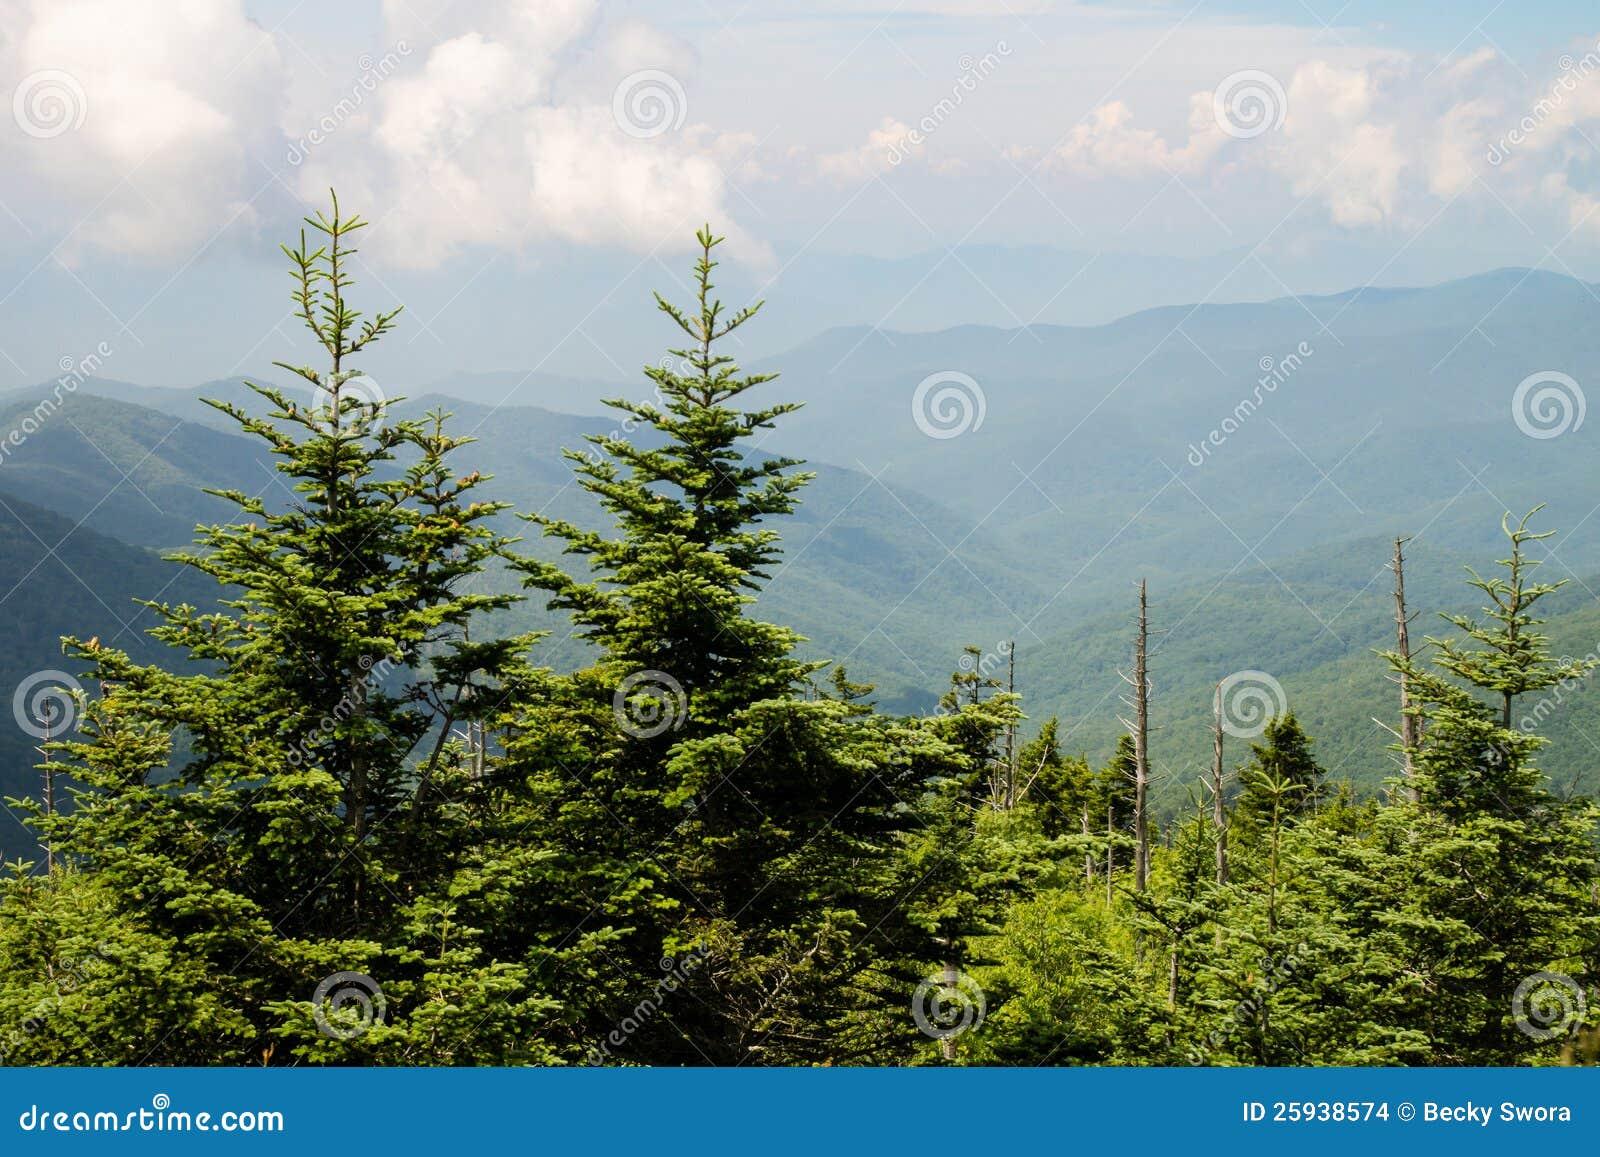 mountains pine trees - photo #13